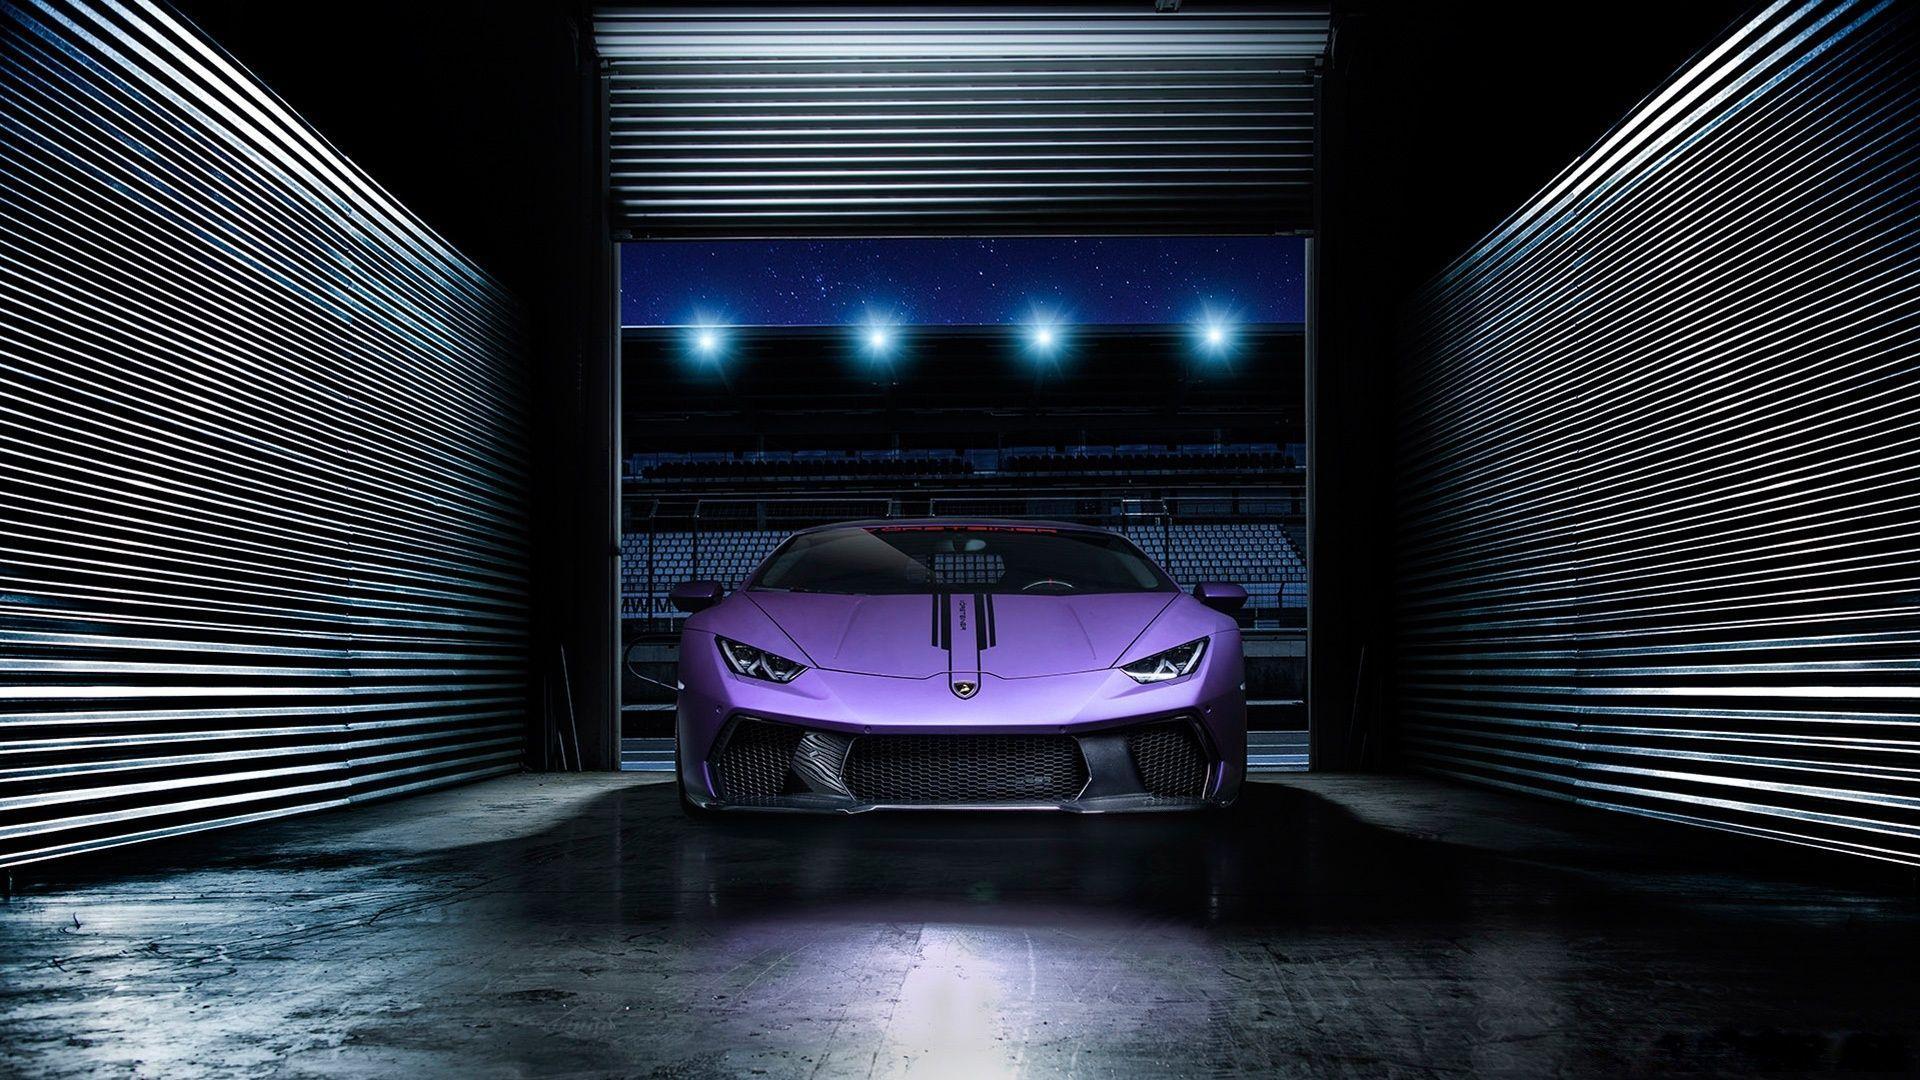 Purple Lamborghini Wallpapers Top Free Purple Lamborghini